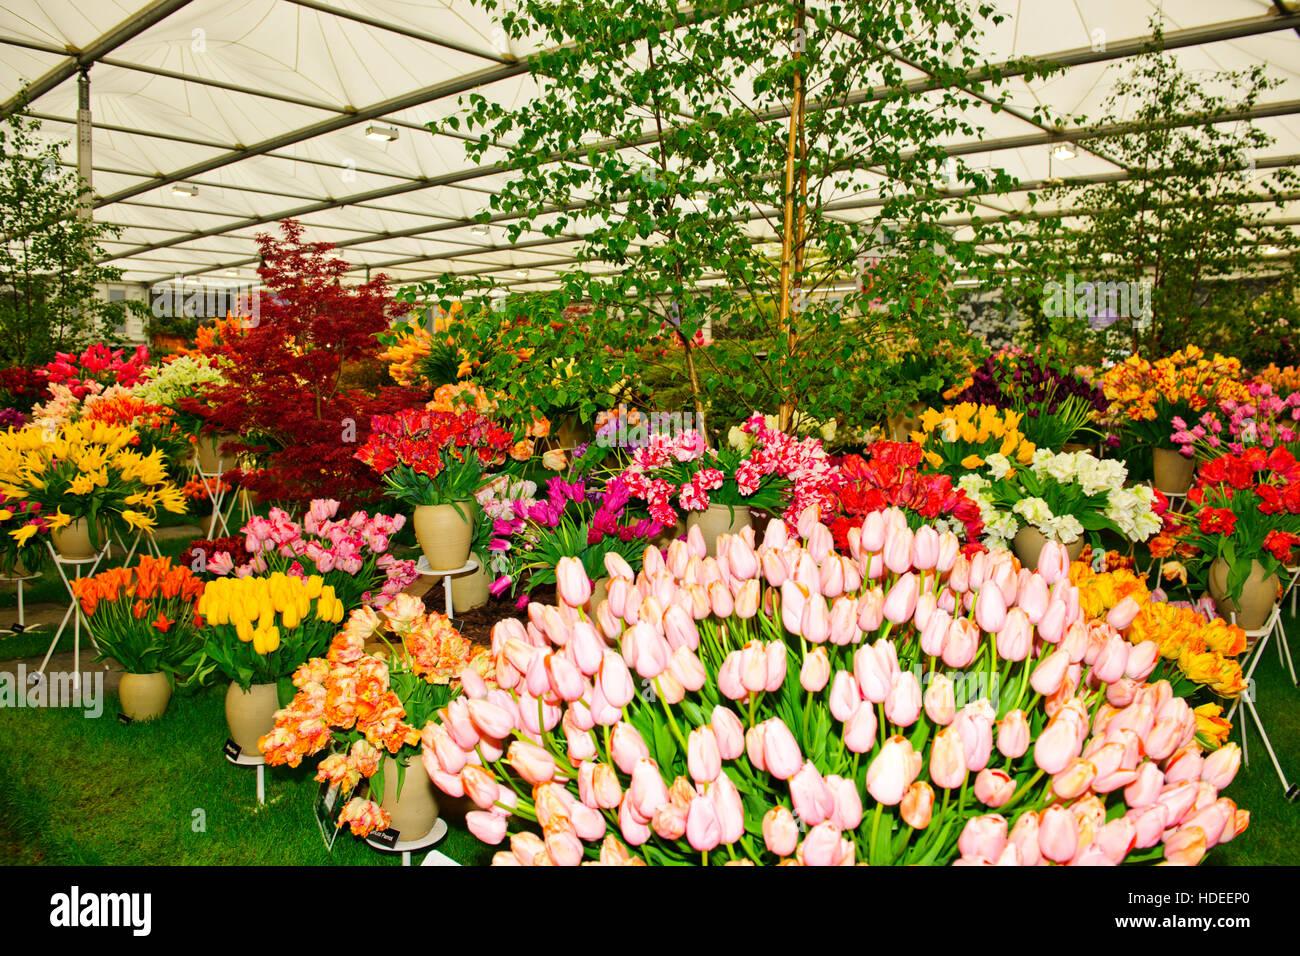 chelsea flower show 2016, bloms glühbirnen holland, blume, Garten ideen